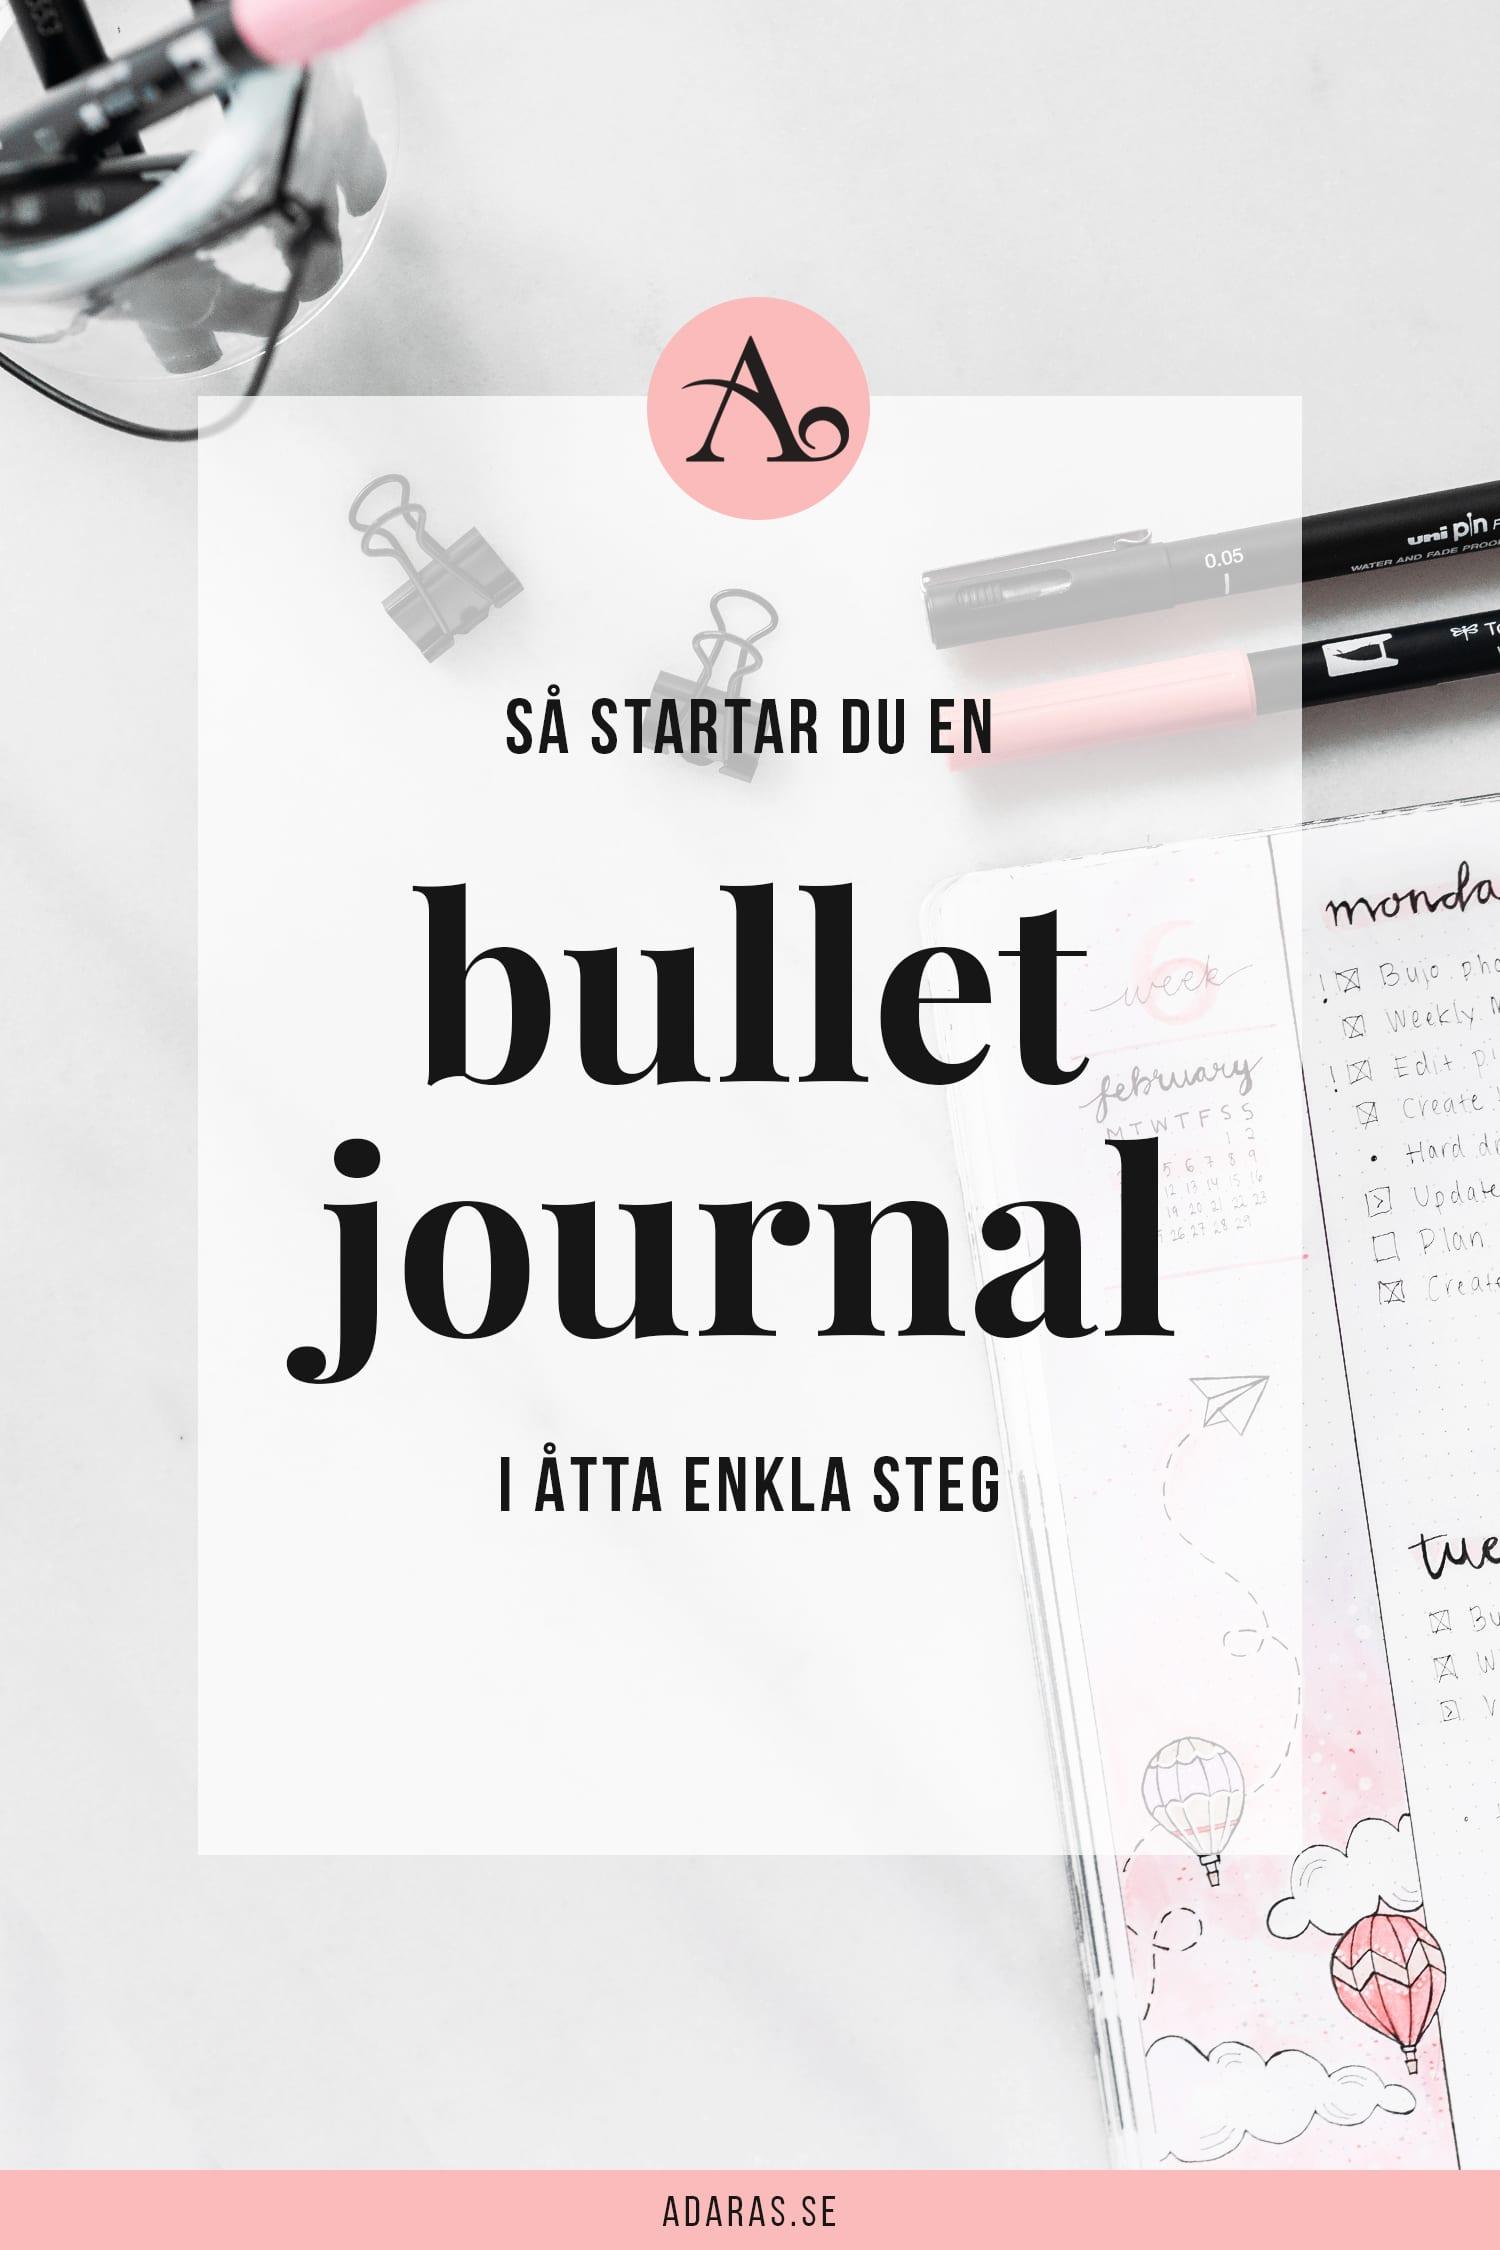 Så startar du en Bullet journal - Ultimat guide för nybörjare